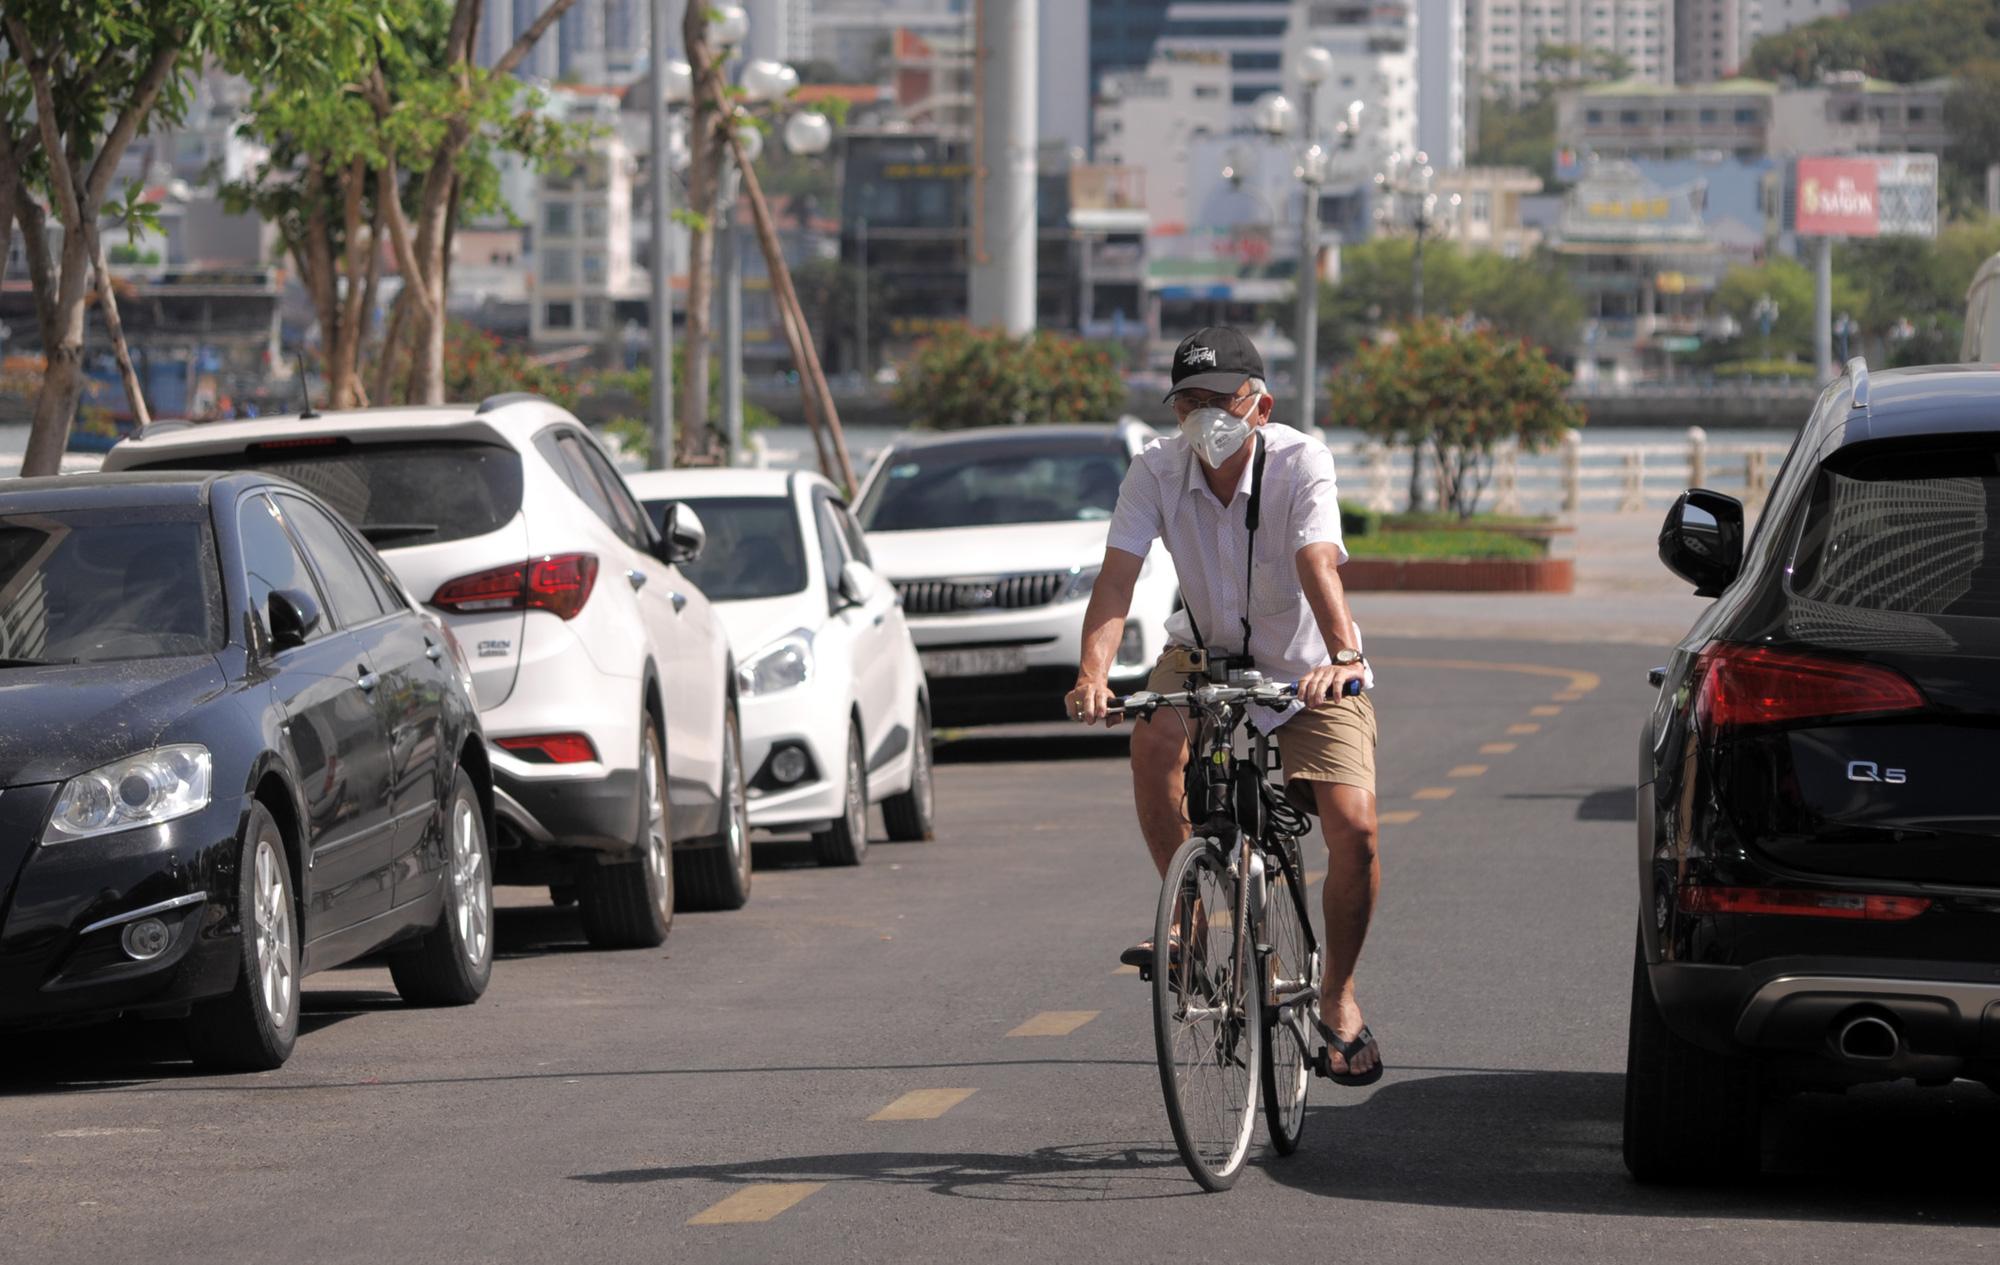 Du khách đeo khẩu trang tập luyện thể thao khi Nha Trang tạm ngừng tắm biển và đóng cửa các điểm vui chơi - Ảnh 6.